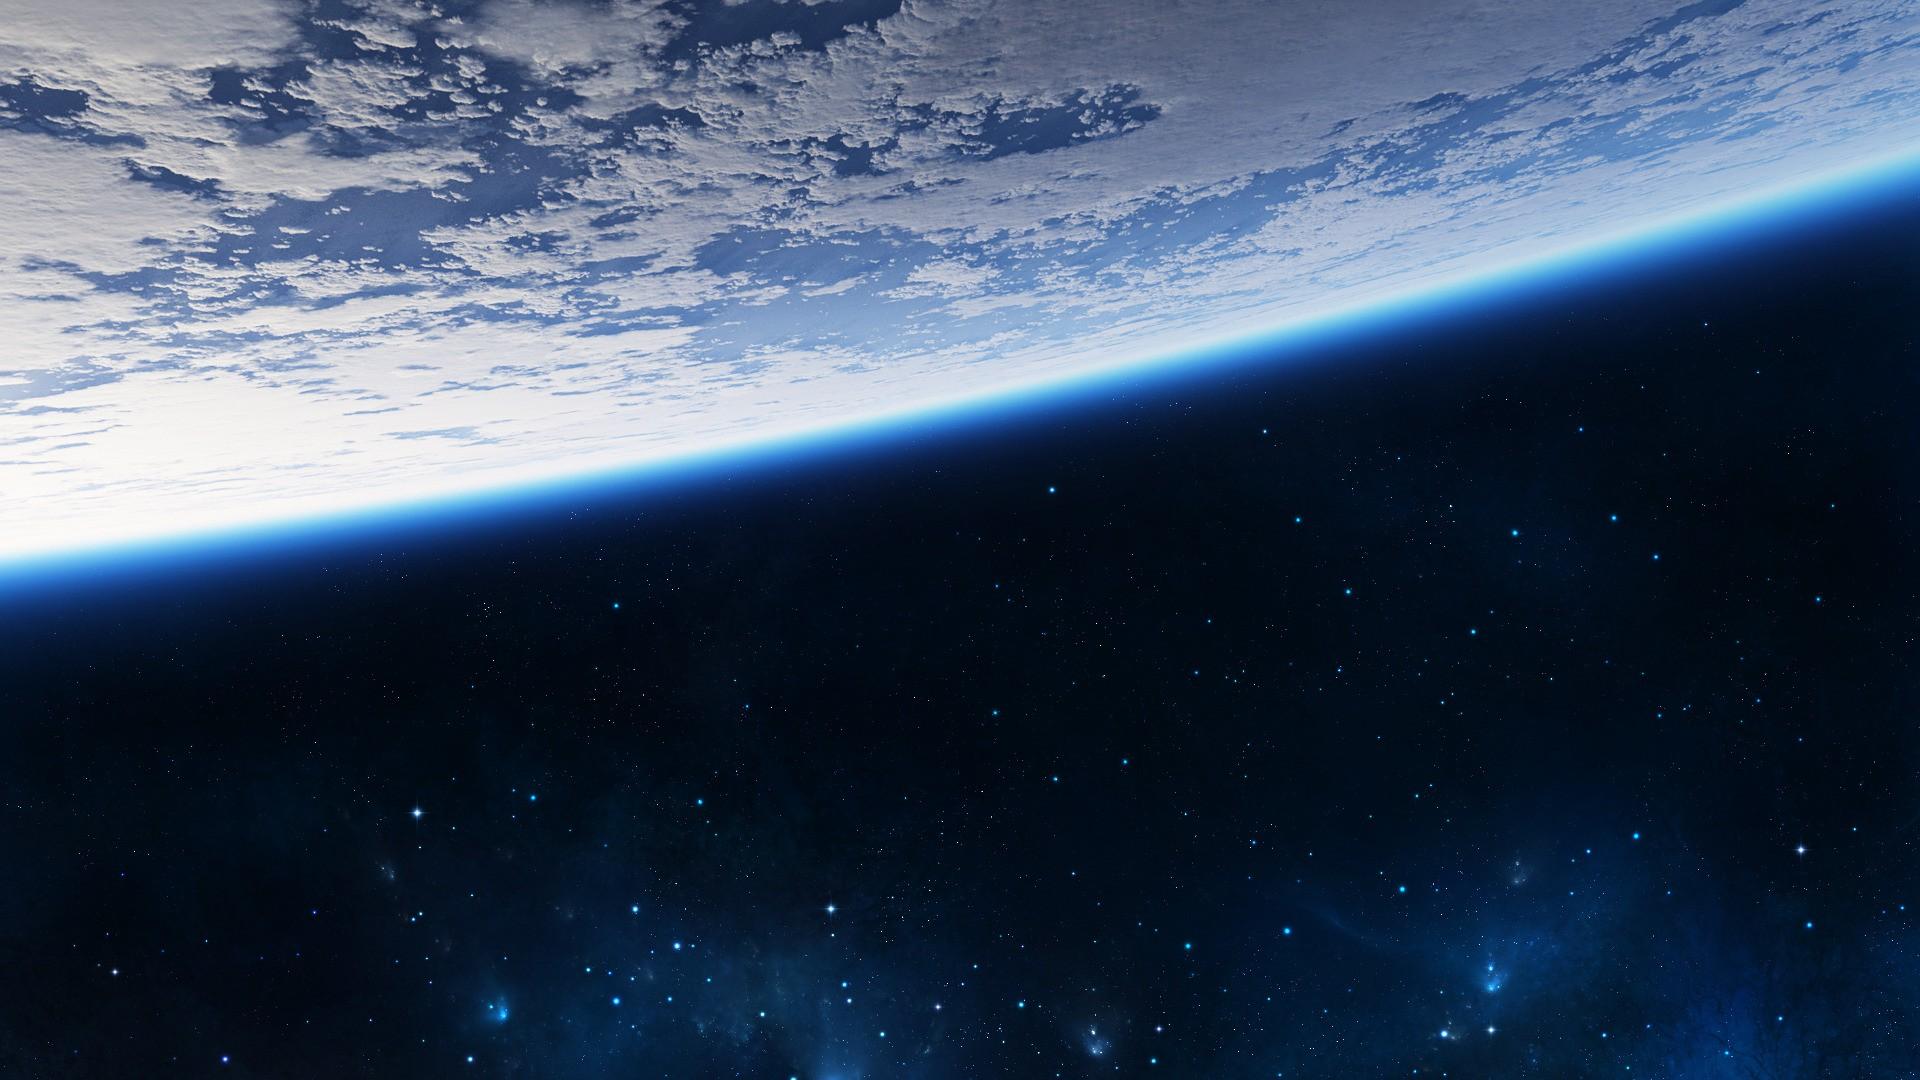 В 2018 году космический зонд Solar Probe Plus приблизится к Солнцу на рекордно близкое расстояние